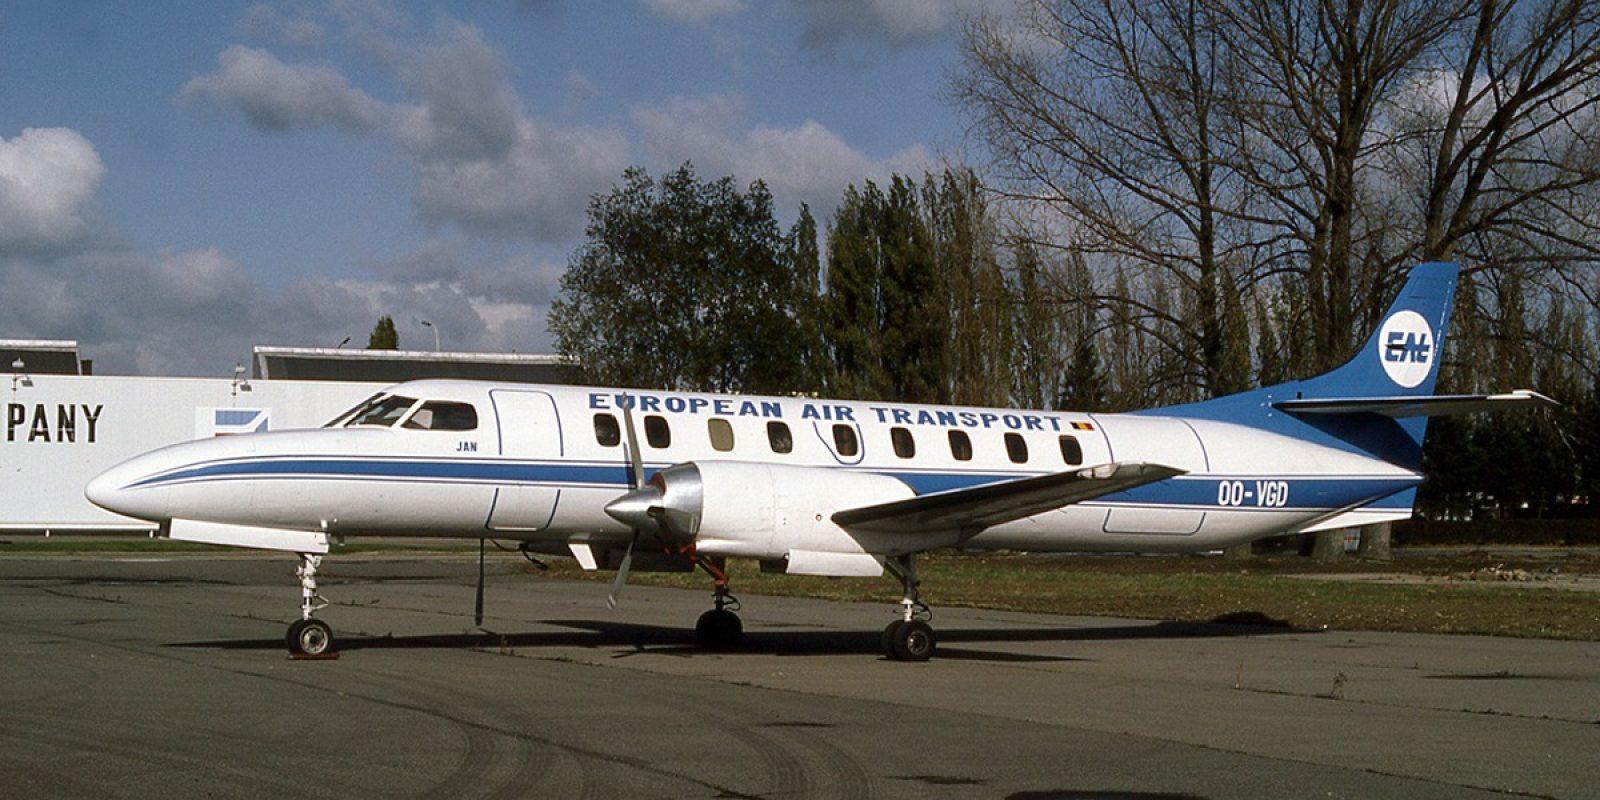 L'arrivée de Freddy Van Gaever à la direction d'EAT permet de disposer de trois Fairchild-Swearingen SA-226AT Merlin IVA. Ils ont été acquis auprès de la compagnie yougoslave JAT via la société de location d'avions Frevag. Le OO-VGD (msn AT-062-2 ex YU-ALF) est photographié fin 1986 aux couleurs d'European Air Transport et baptisé « Jan », prénom du fil de Freddy Van Gaever et pilote de ligne.